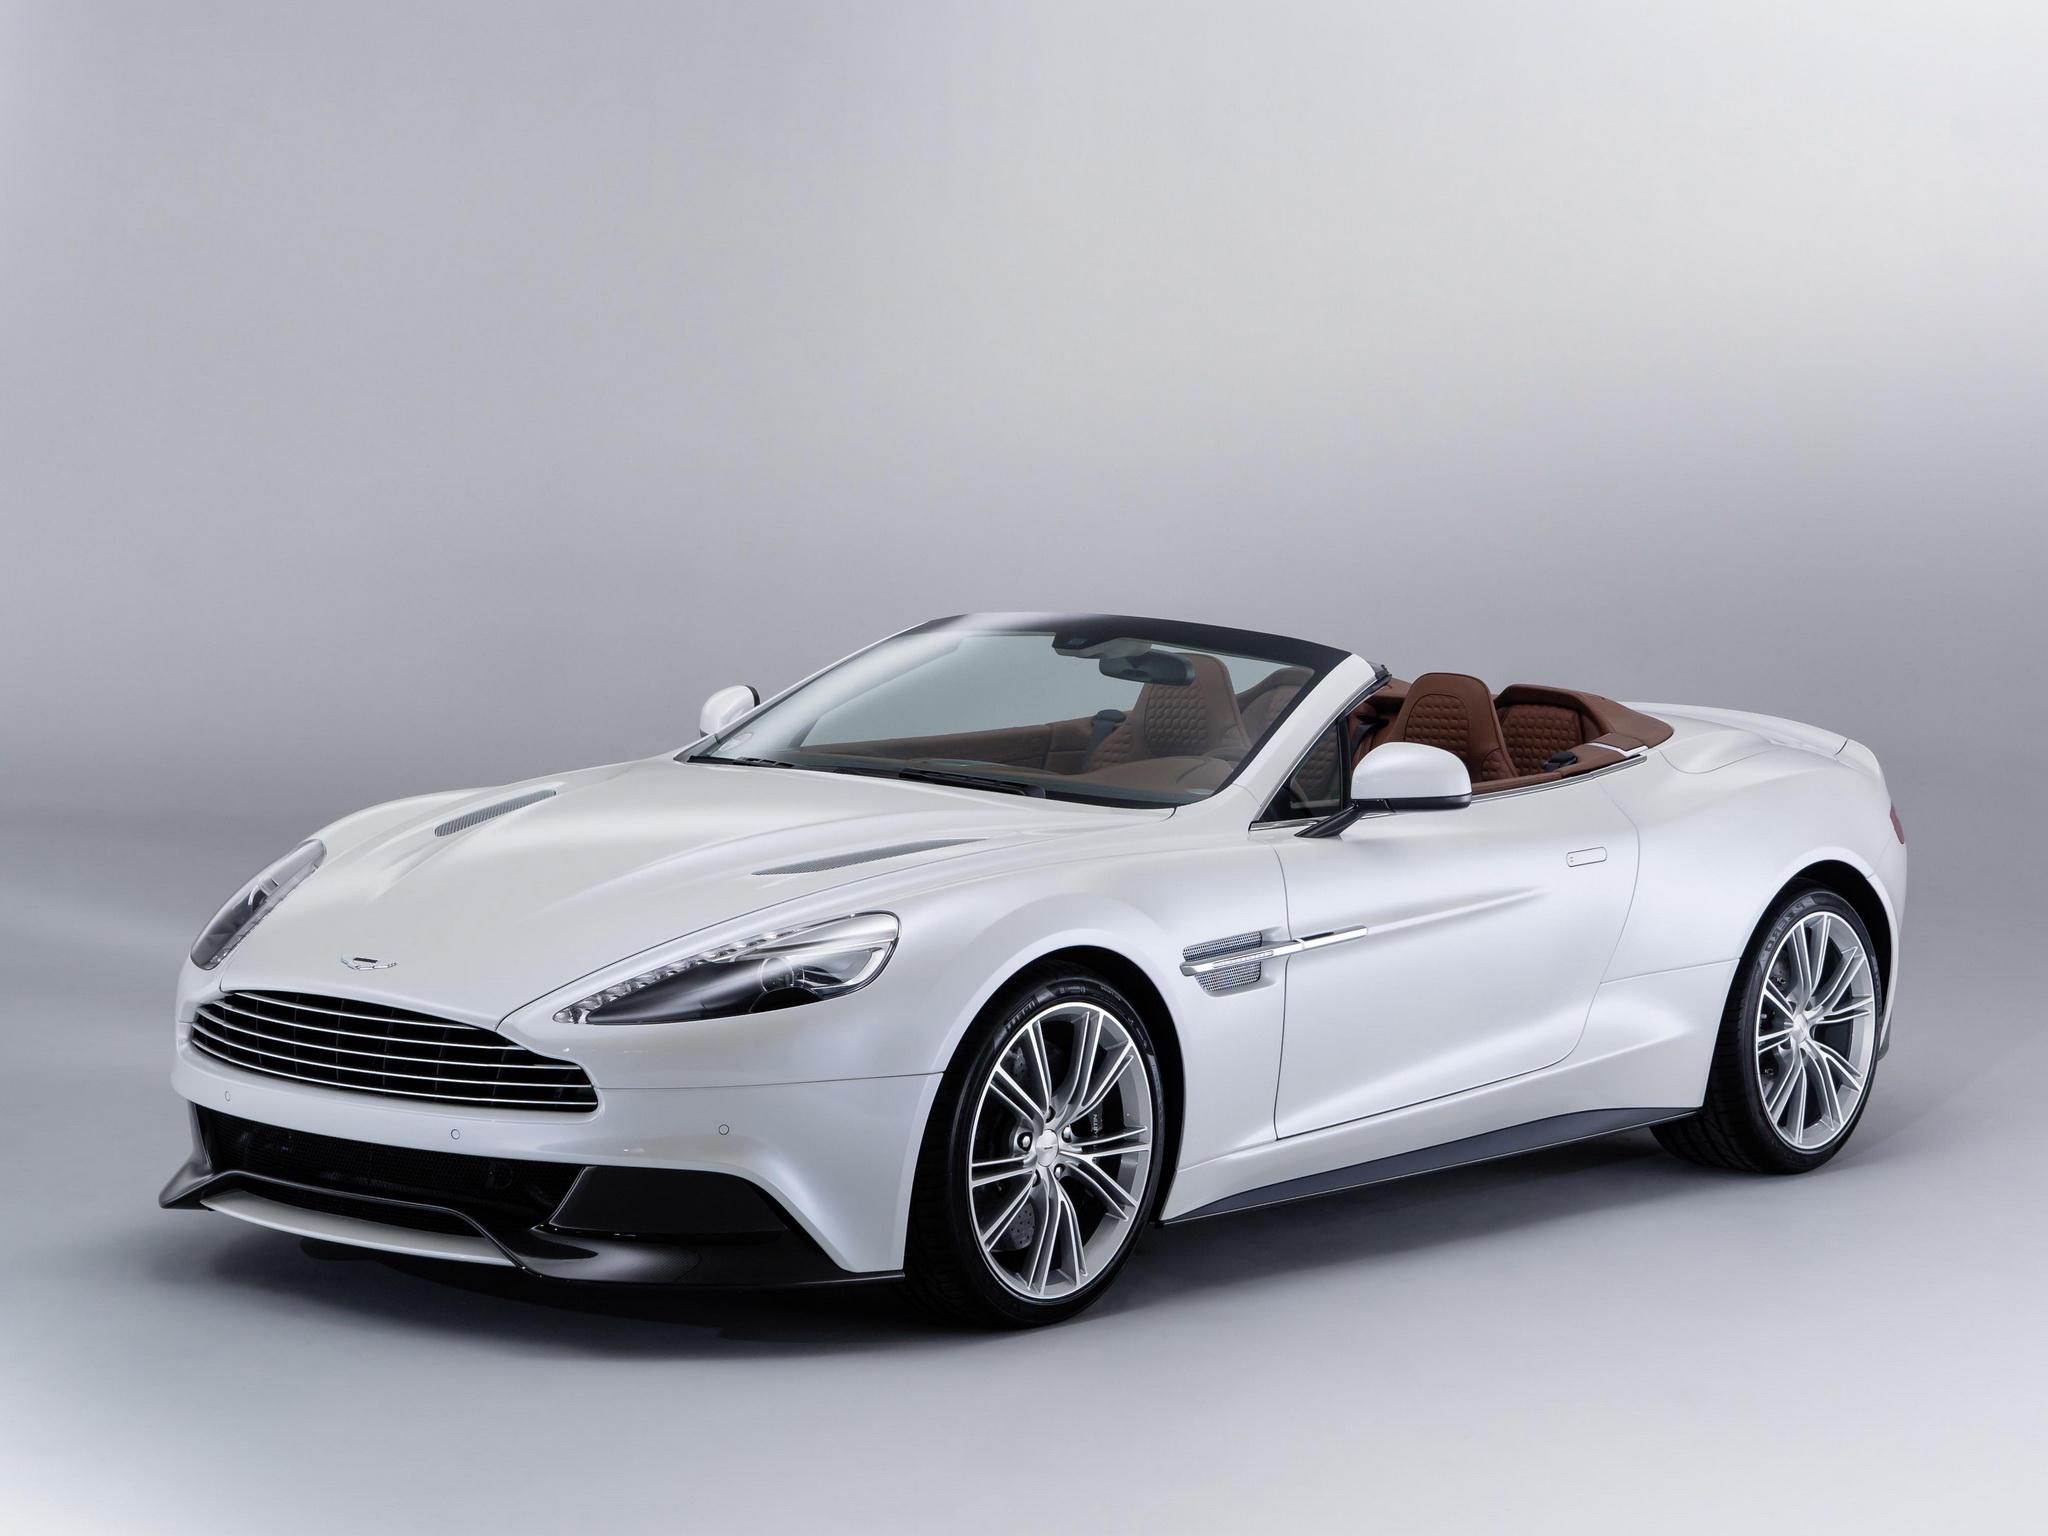 Aston Martin Vanquish Cabriolet